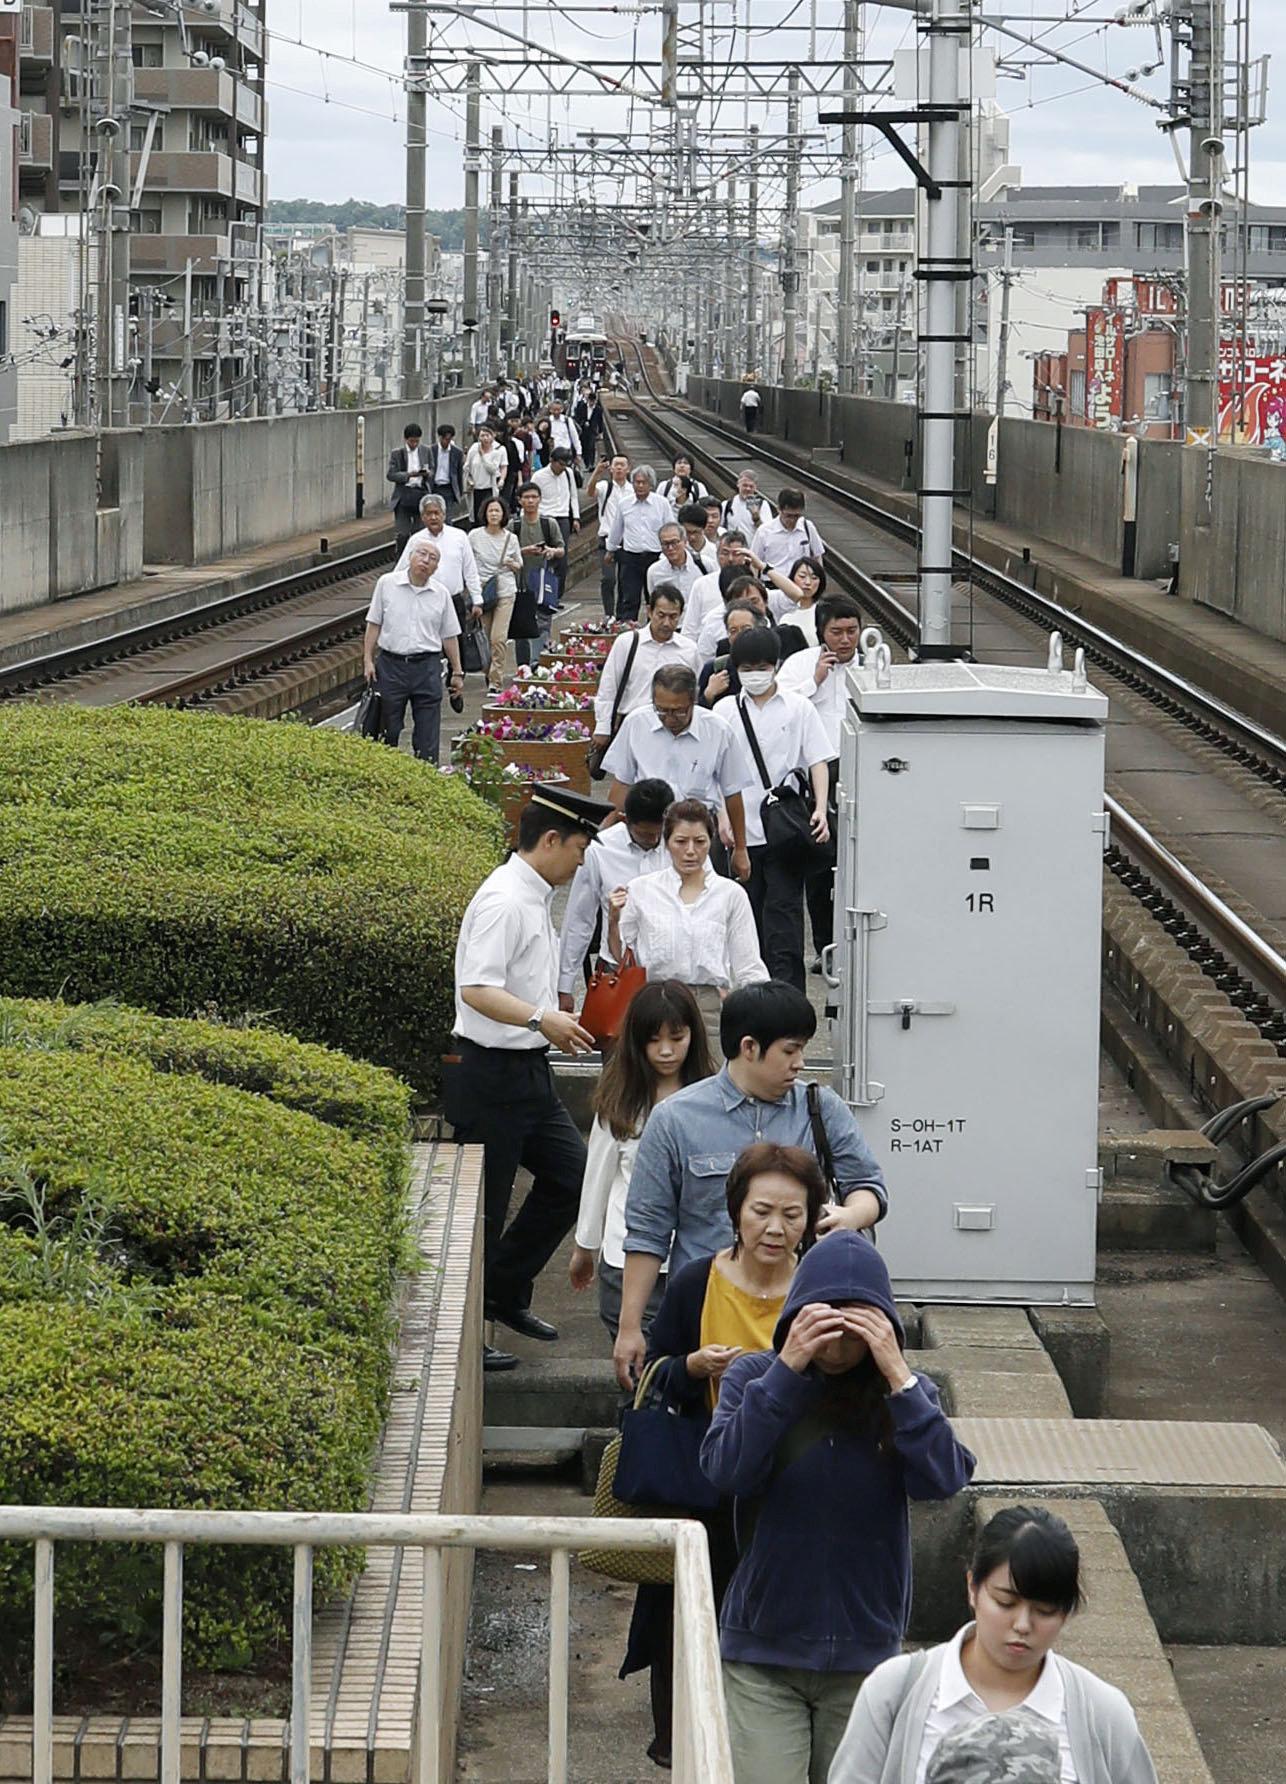 مواطنين يترجلون على السكك الحديدية بعد إخلاء القطارات